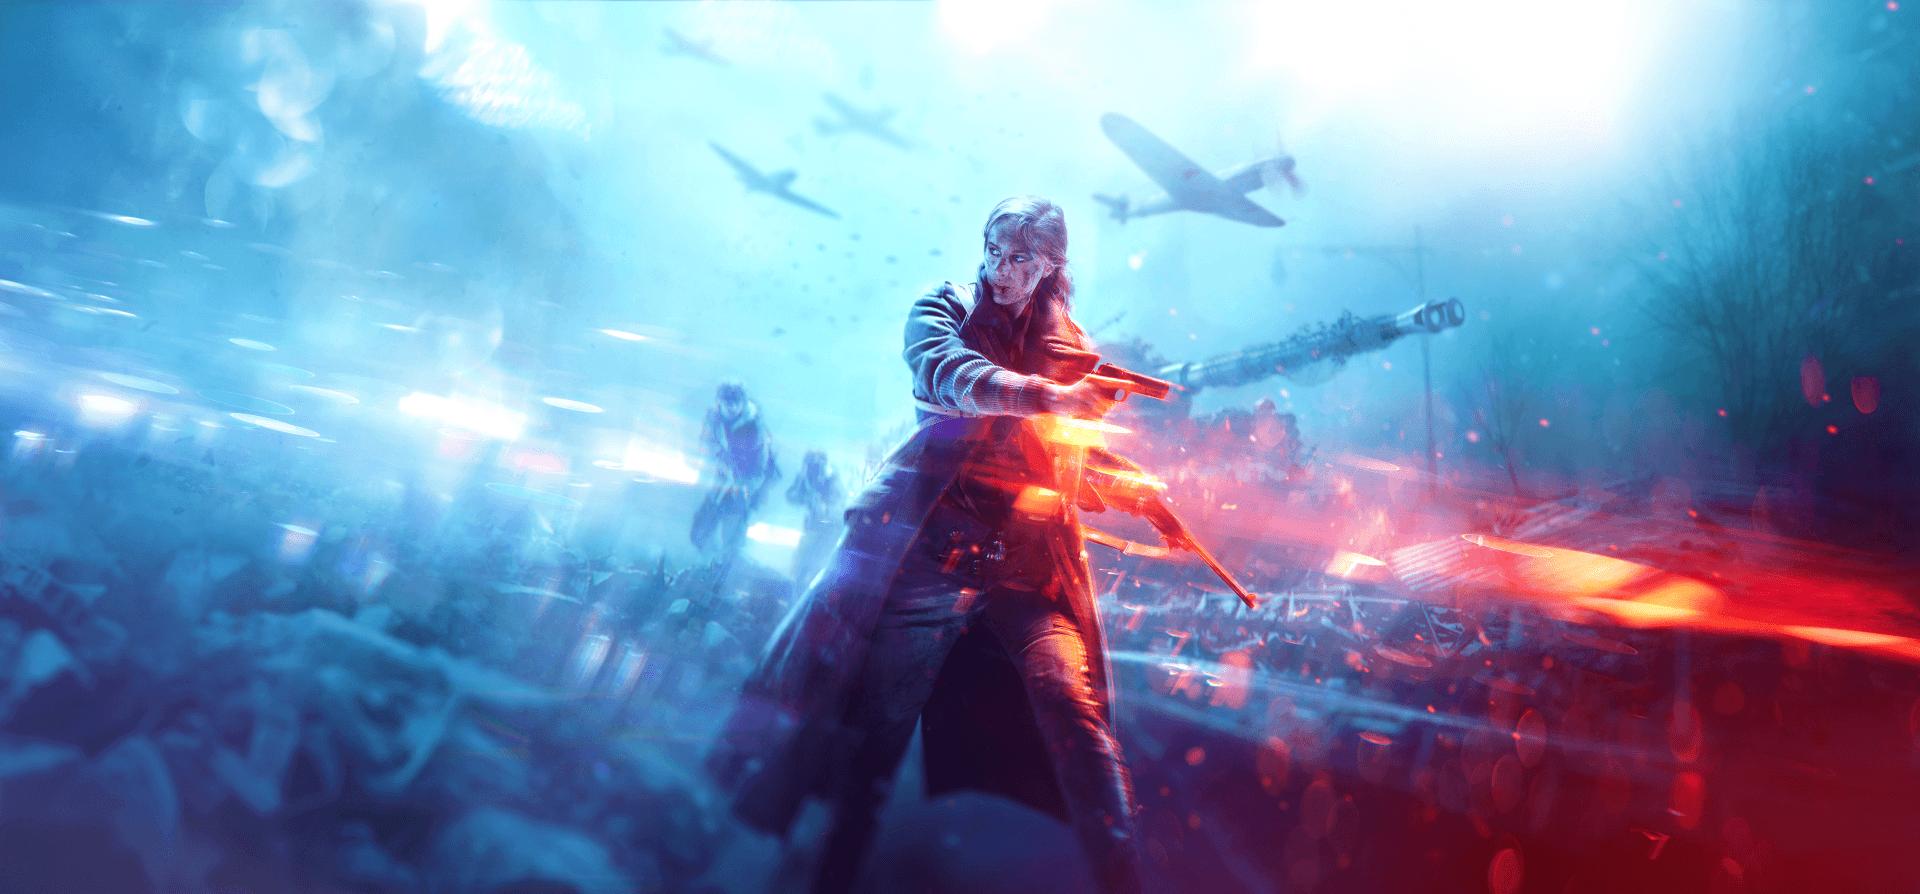 Bir sonraki Battlefield oyunu mali 2022 çıkacak - Oyunpat